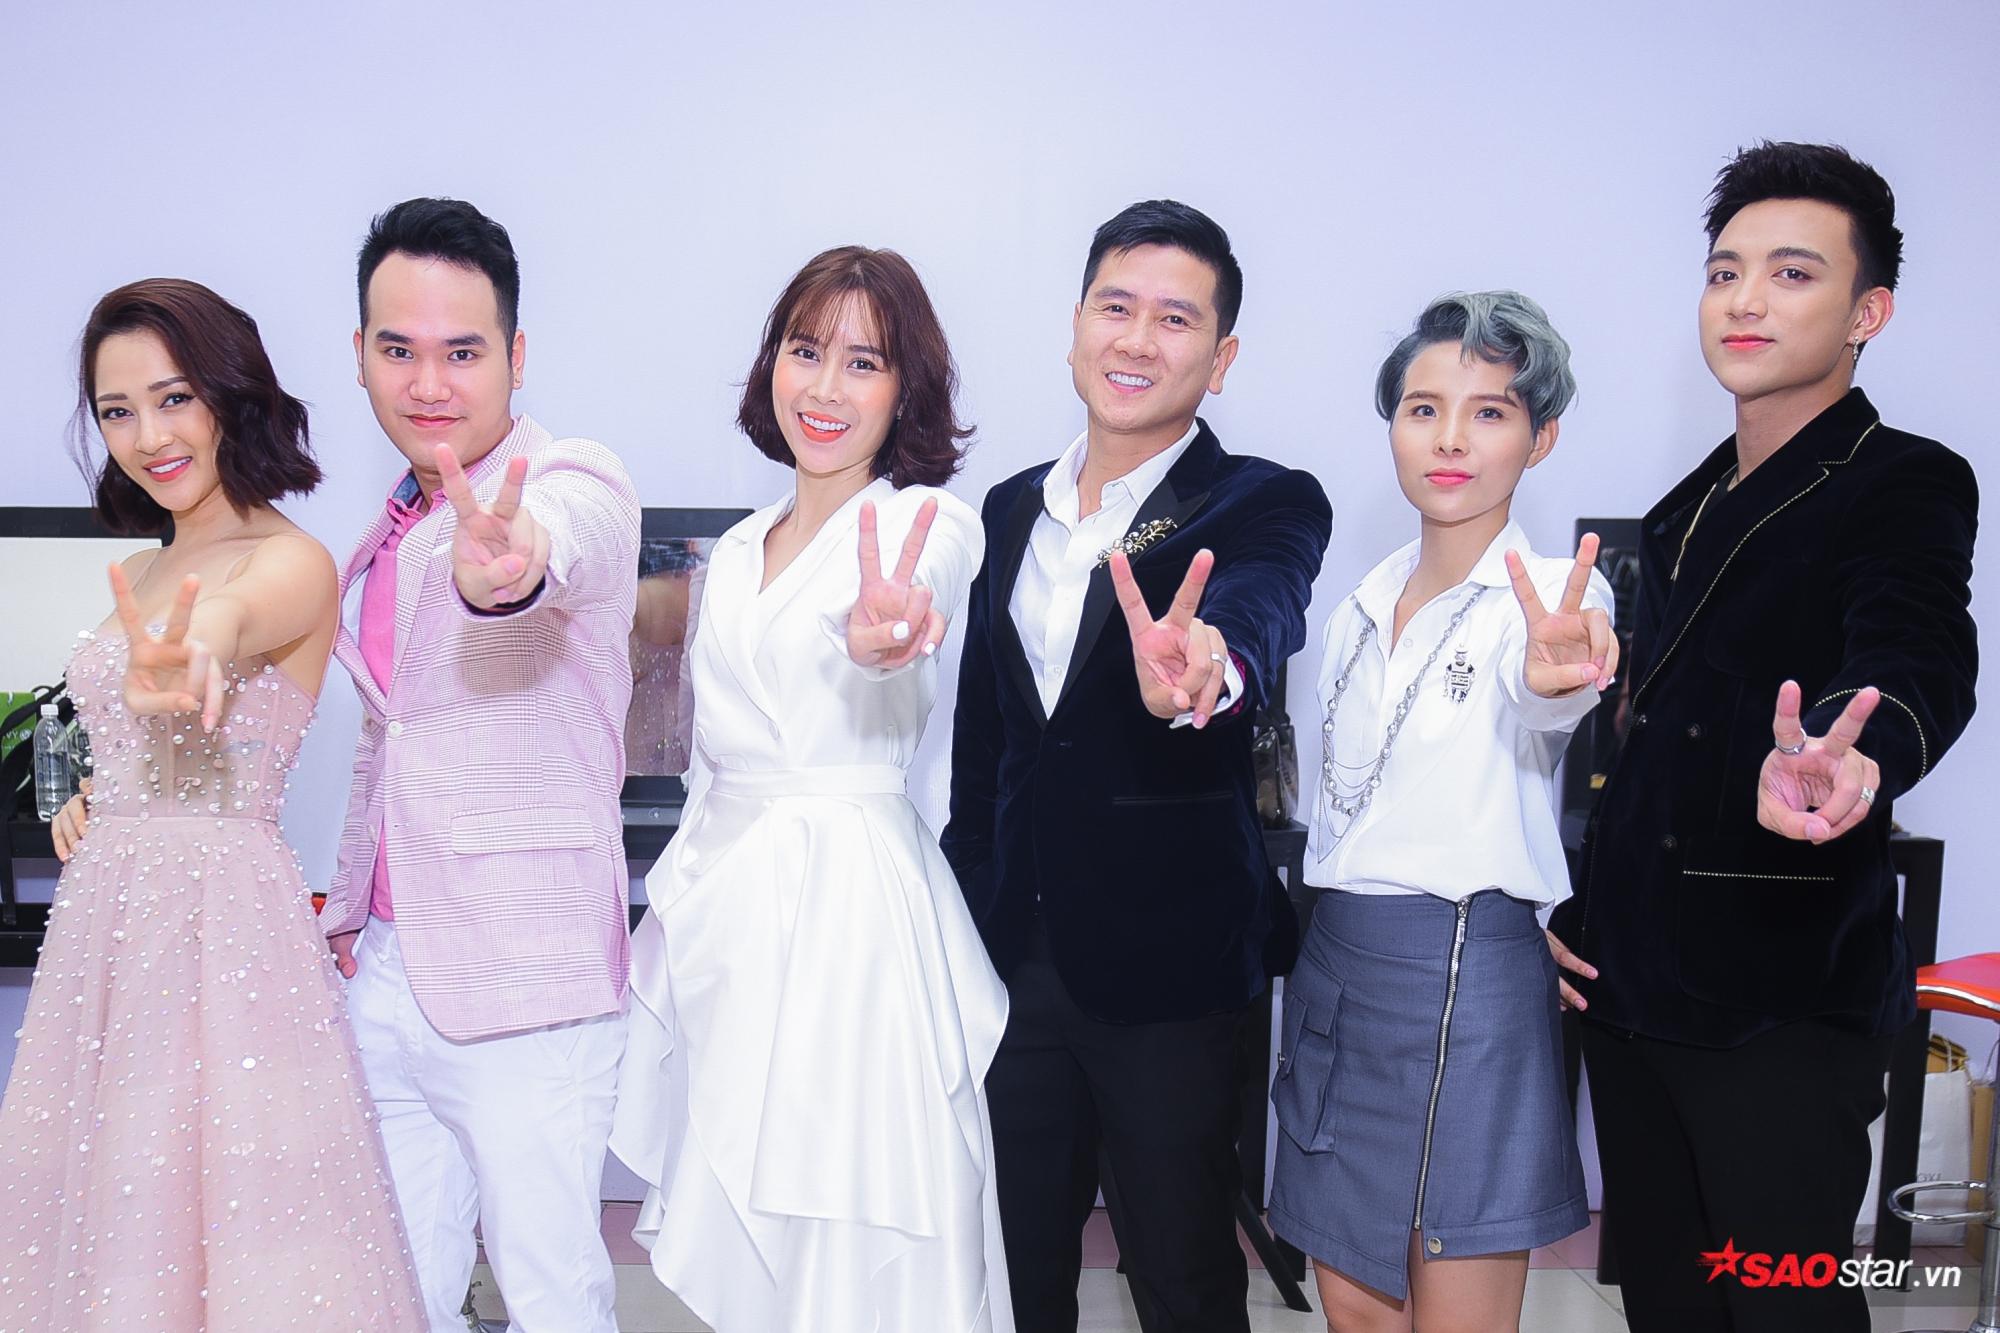 6 HLV và 3 chiếc ghế đôi của Giọng hát Việt nhí 2018: Team nào sẽ chiếm trọn spotlight? ảnh 0